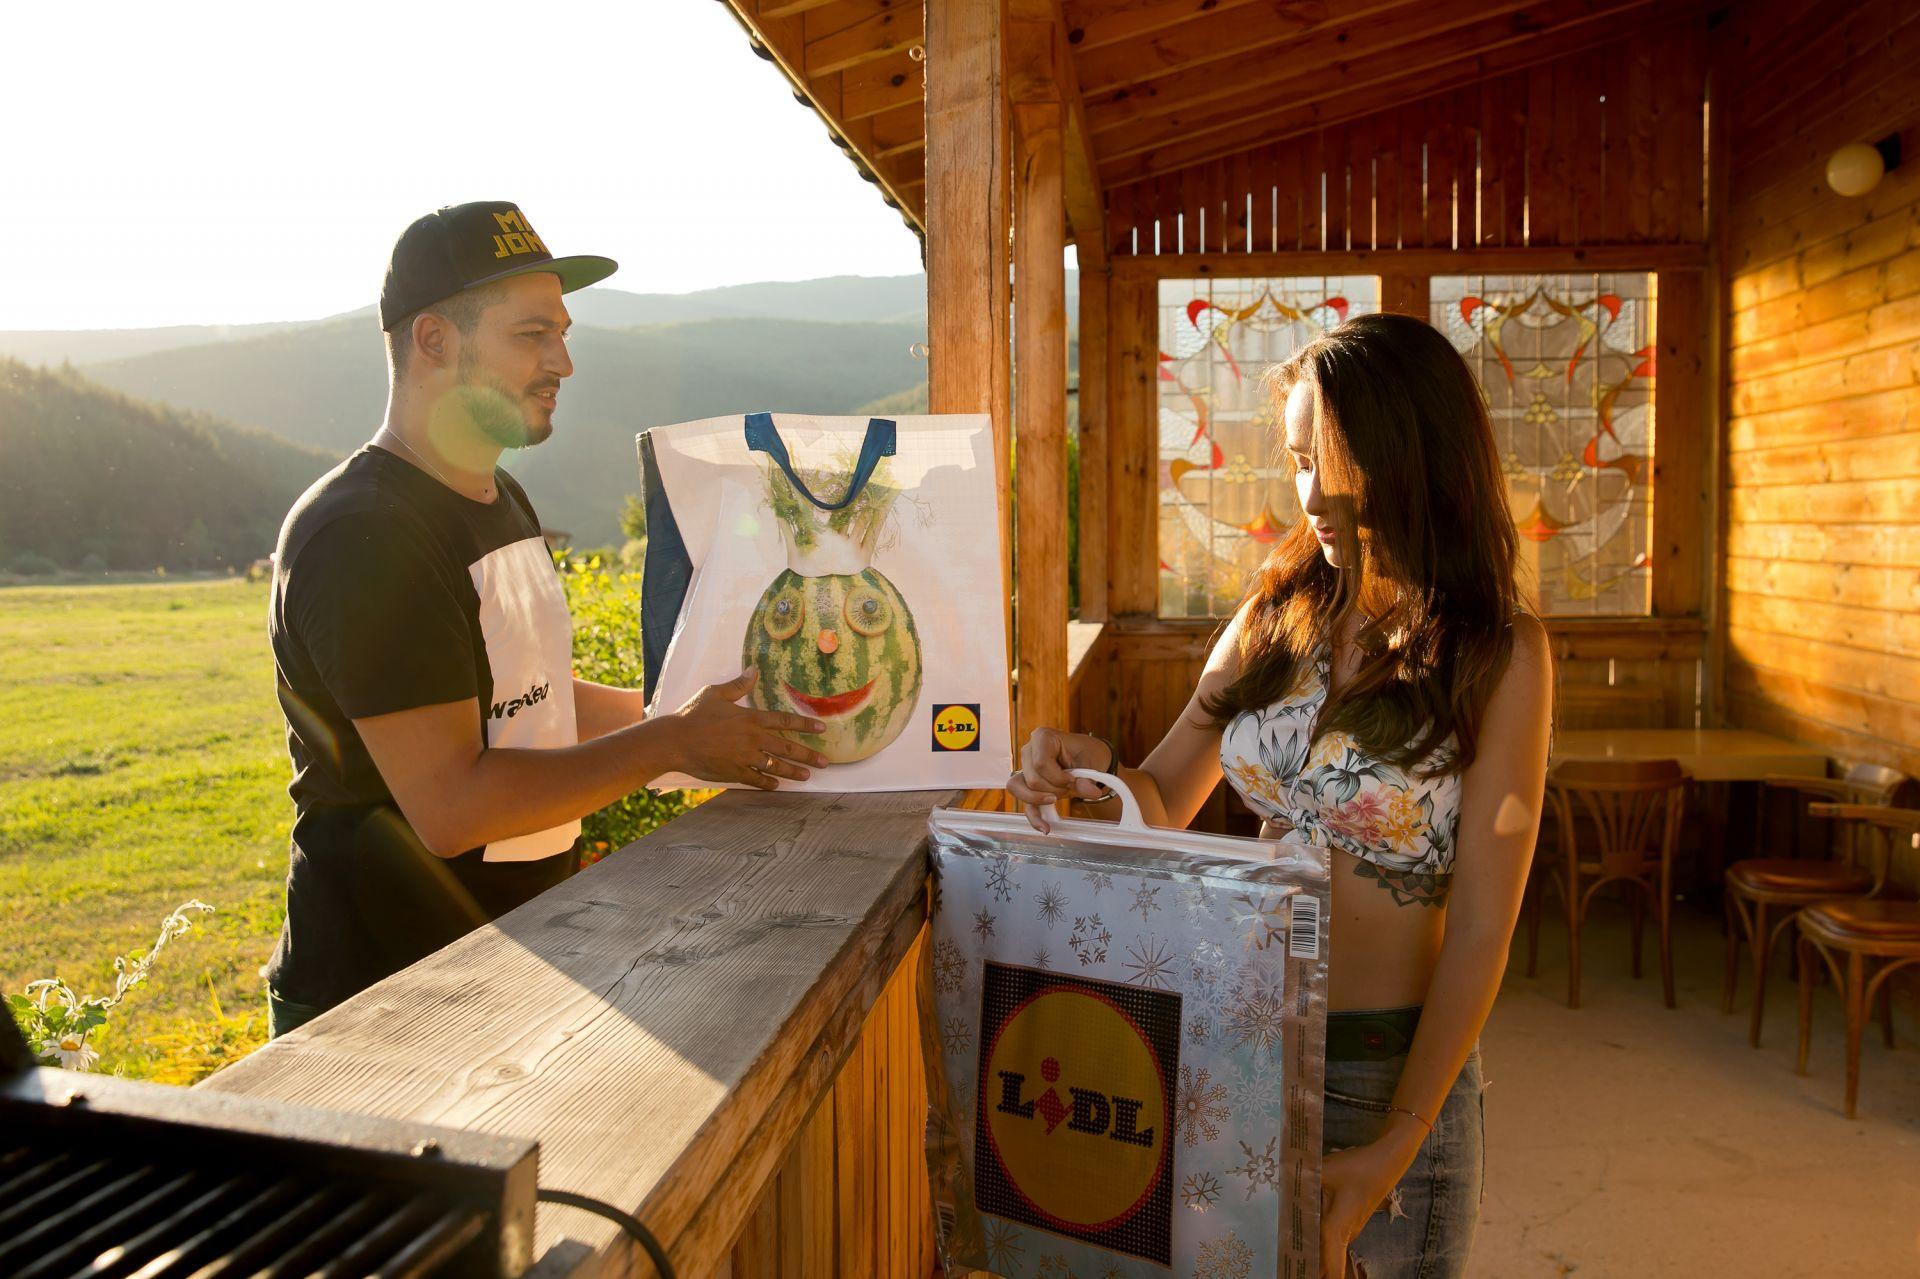 Деян и Рени пазаруват заедно и предпочитат грил с приятели пред скъп ресторант